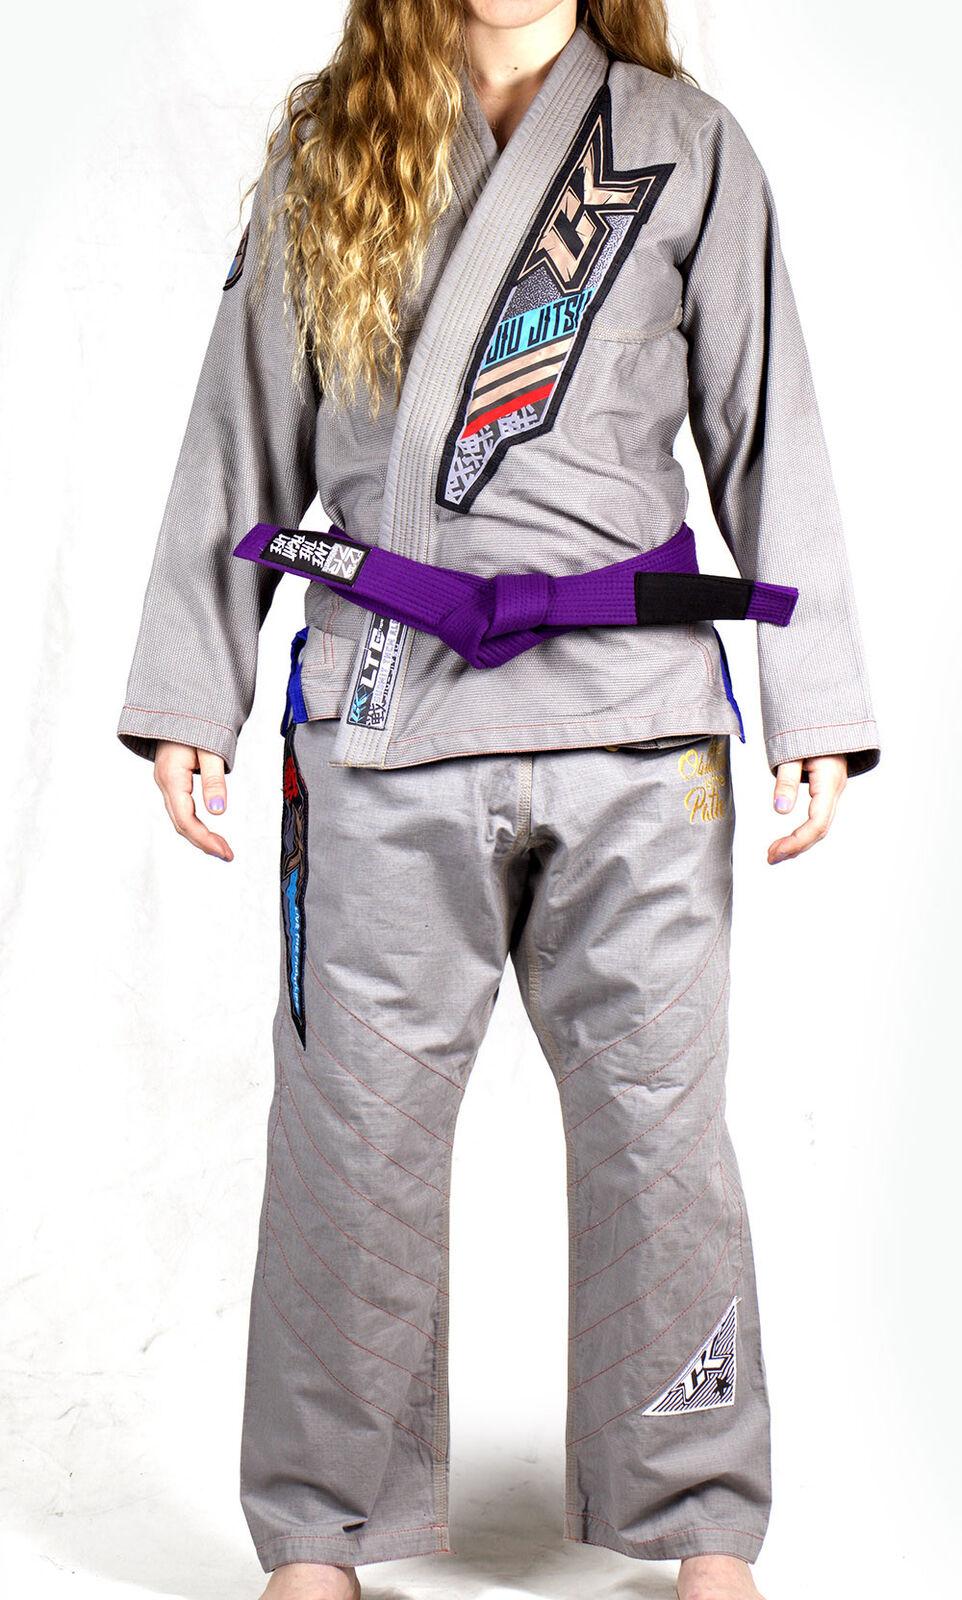 Contract Killer  Womens Slay BJJ Jiu Jitsu Gi - G   be in great demand